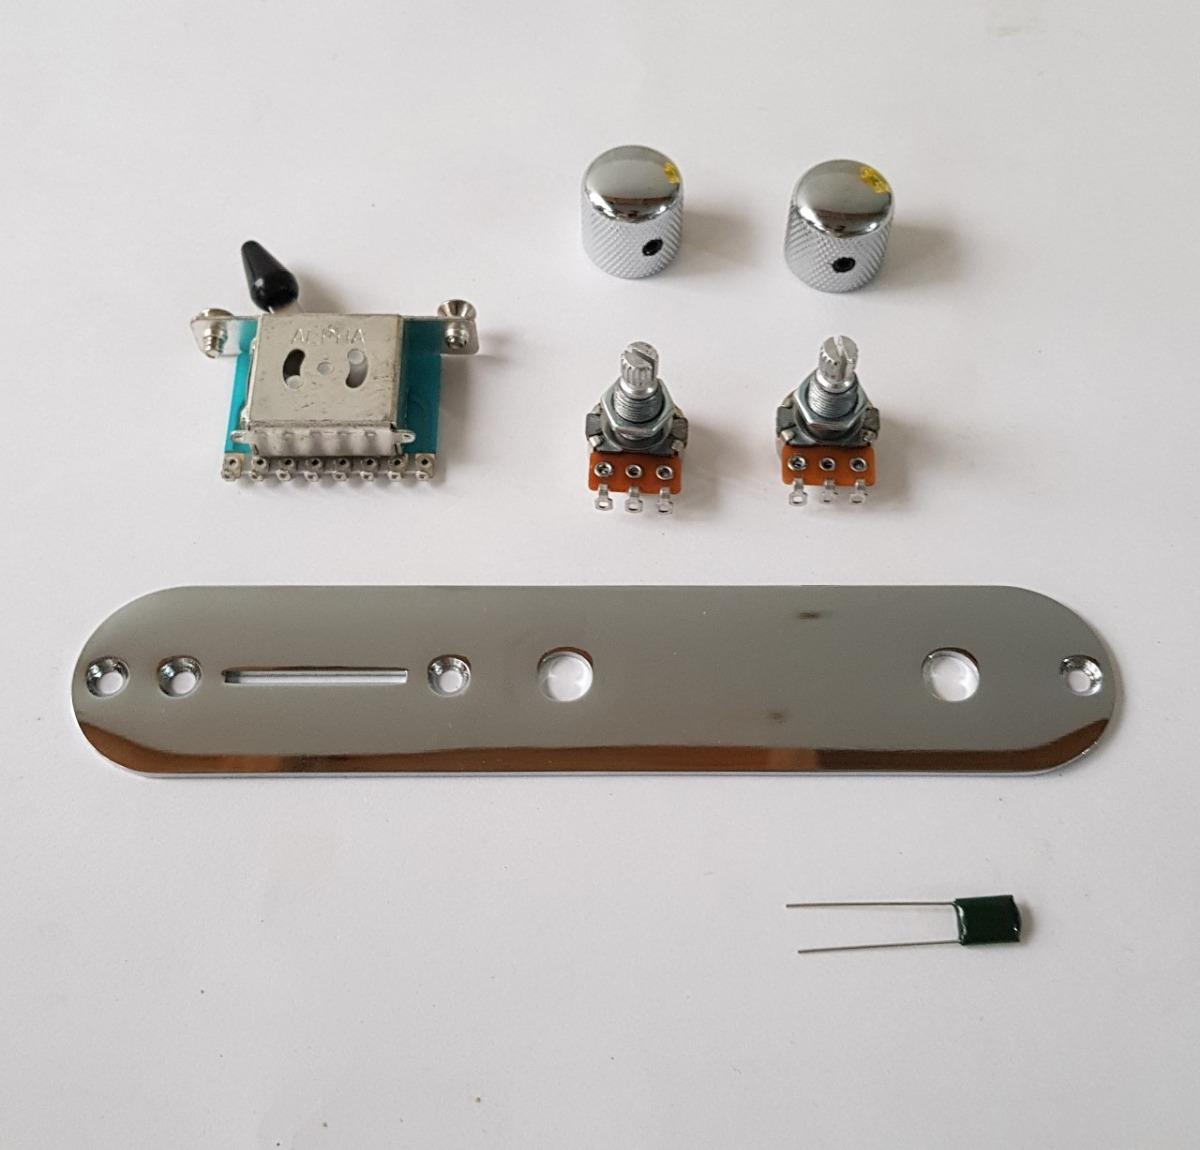 Circuito Alpha : Kit telecaster guitarra circuito alpha completo con perillas